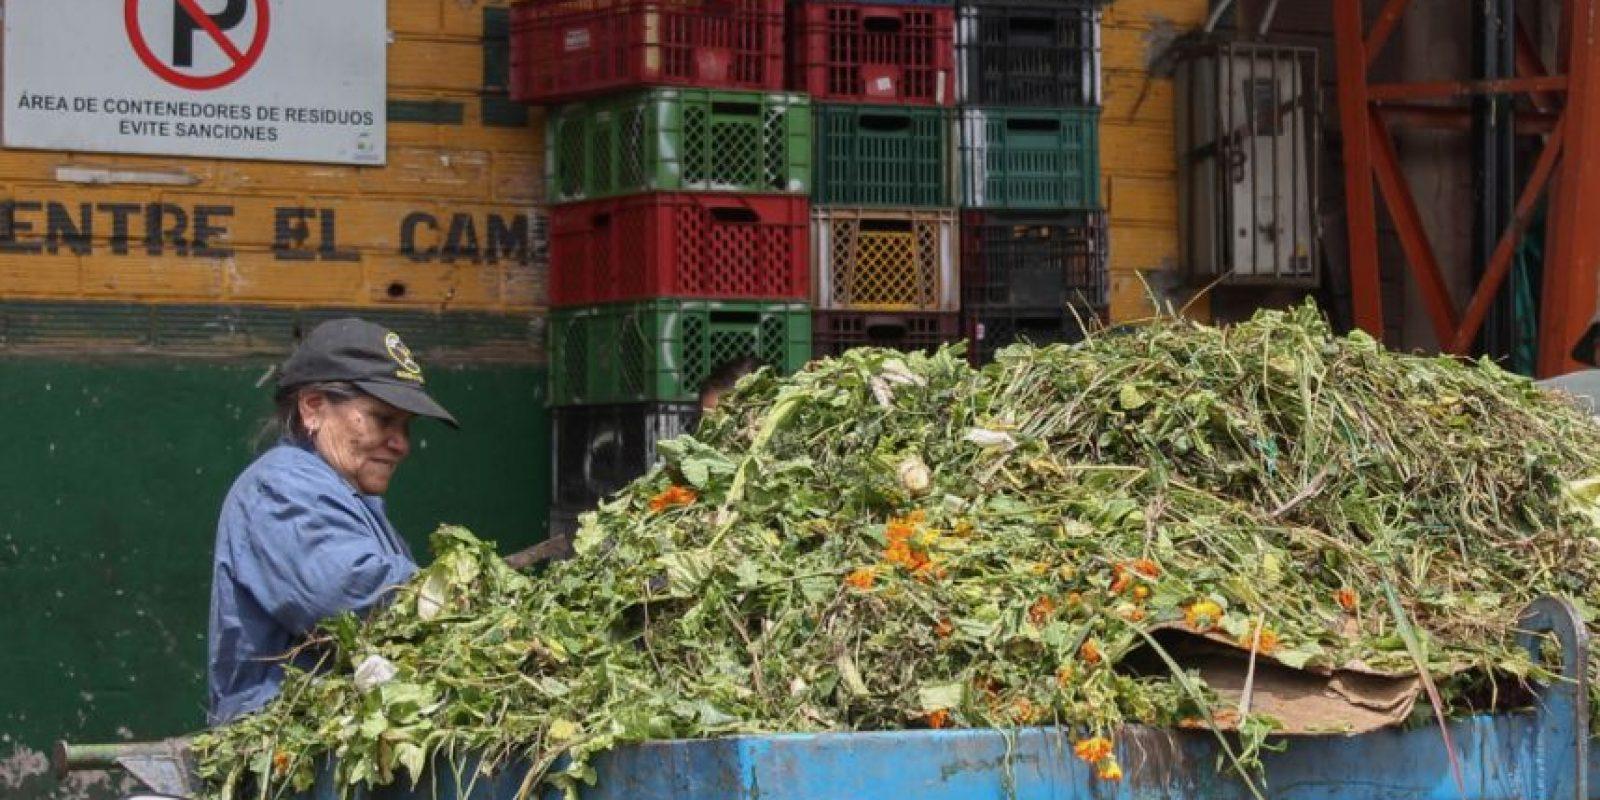 Hasta las dos de la tarde se ven personas buscando entre los desechos. Foto:Sofía Toscano- Publimetro